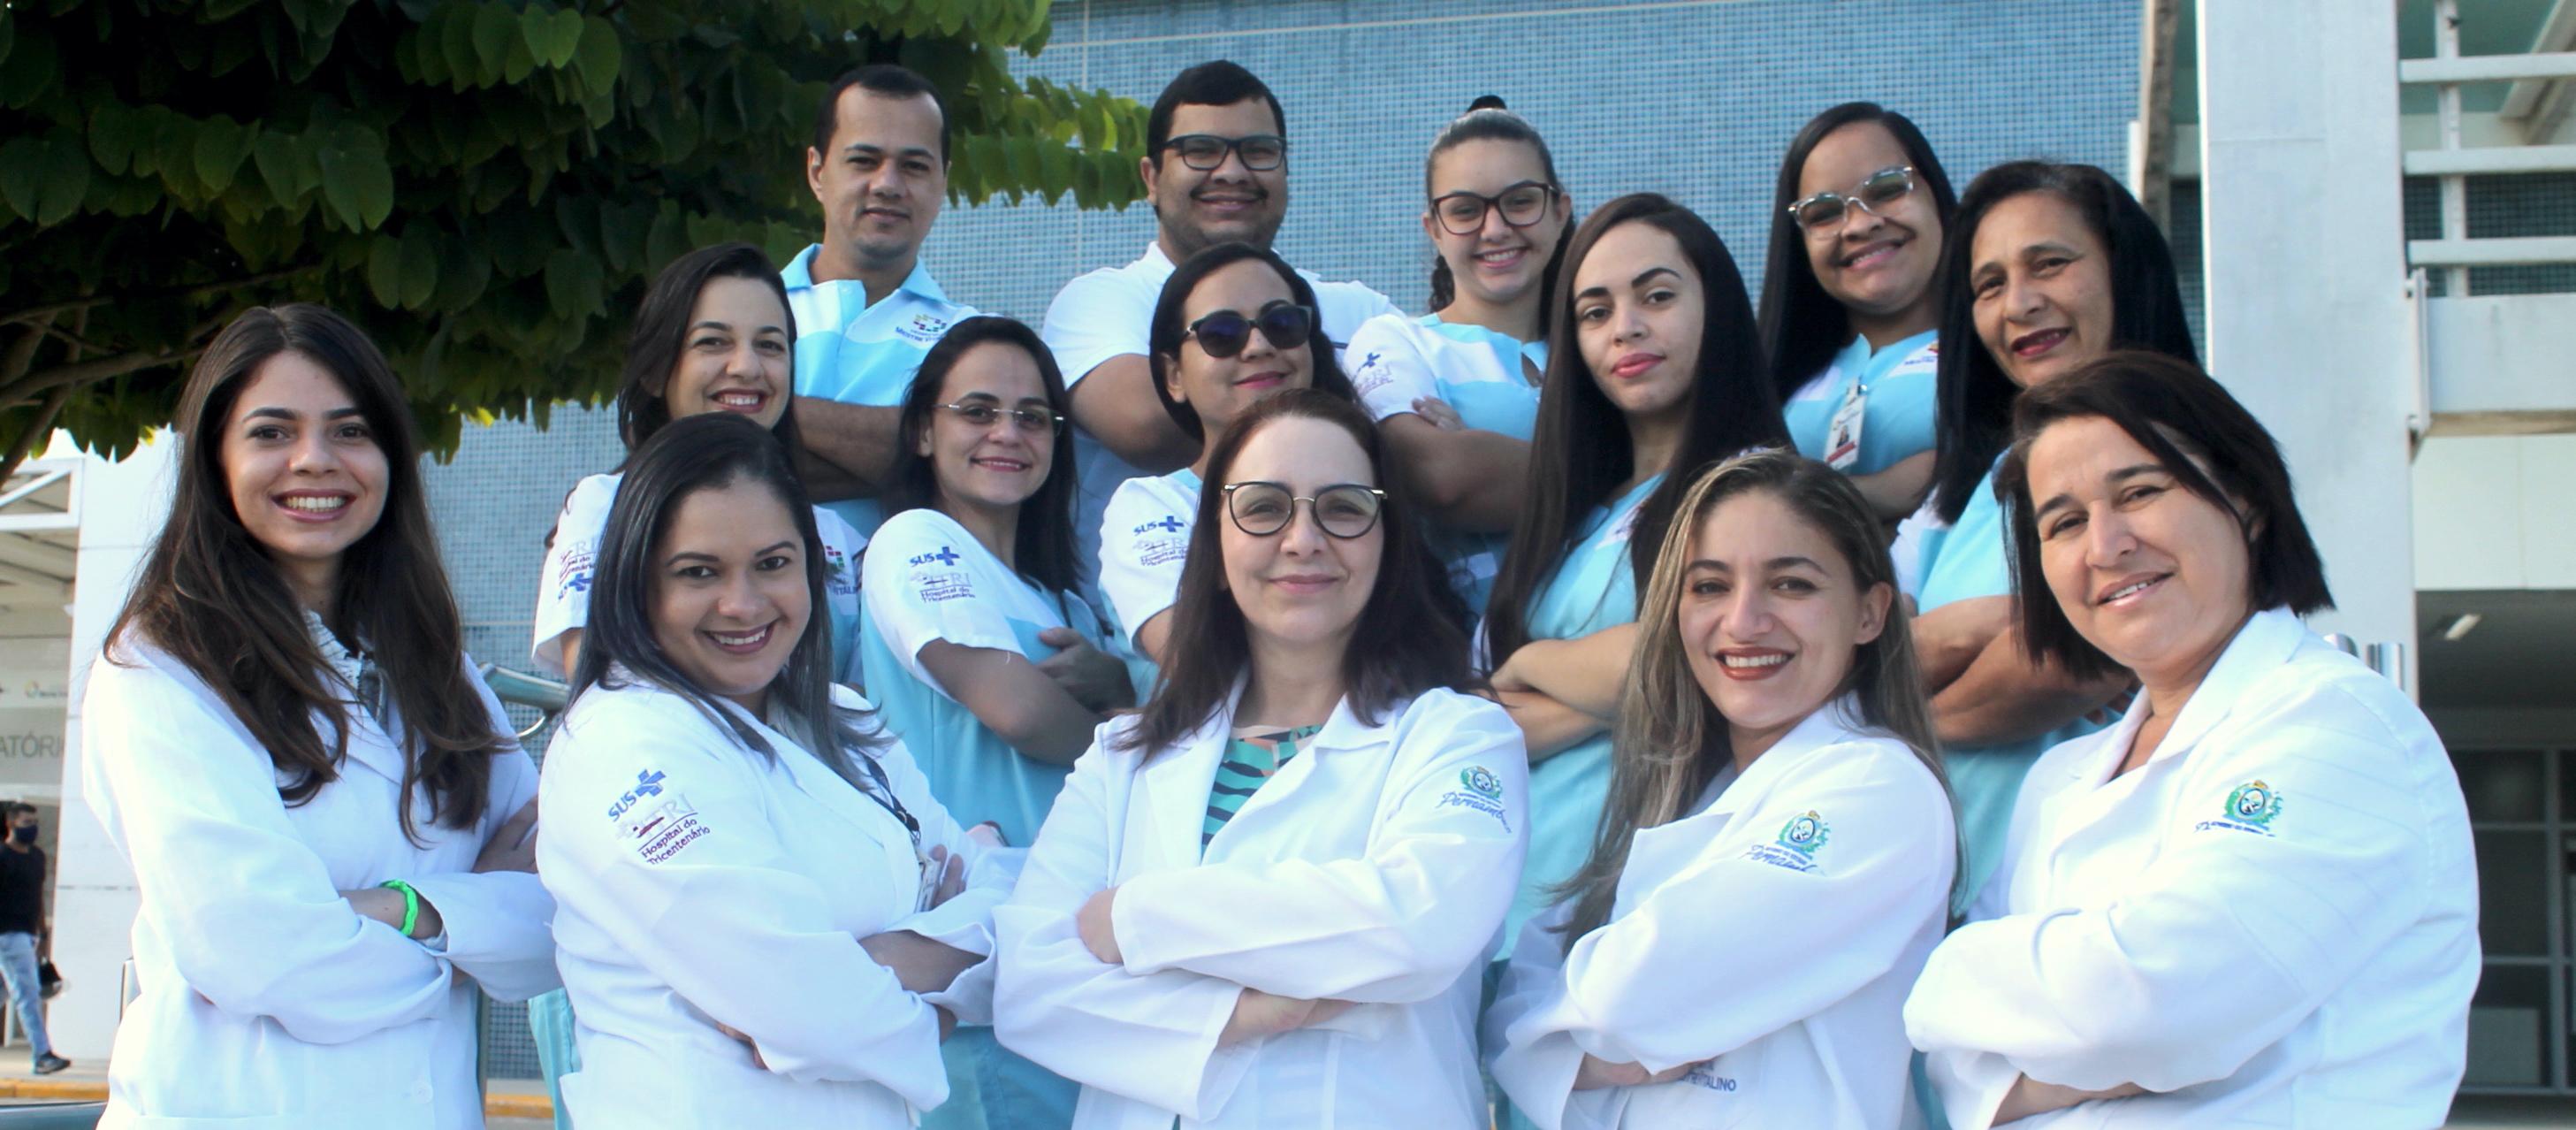 Serviço de Nefrologia do HMV completa 3 anos com mais de 7 mil hemodiálises